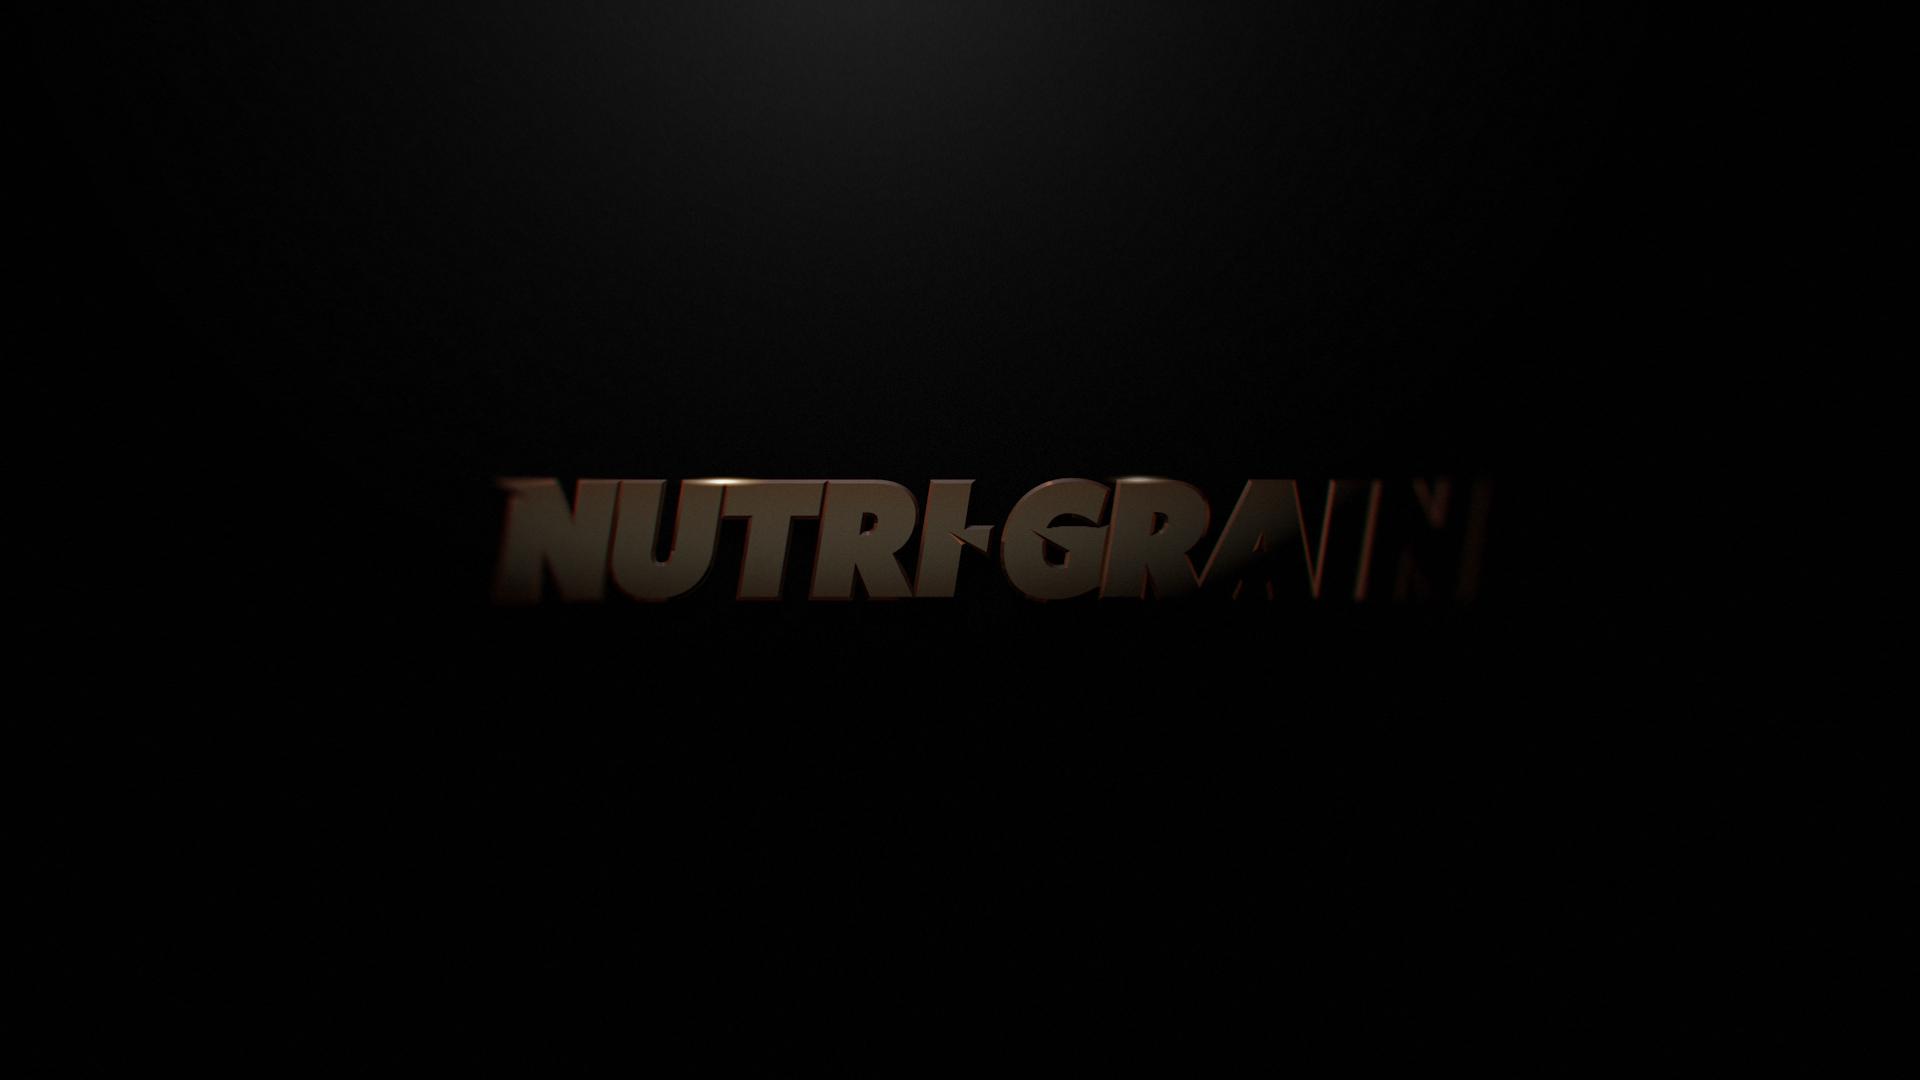 Nutrigrain_02_03.jpg